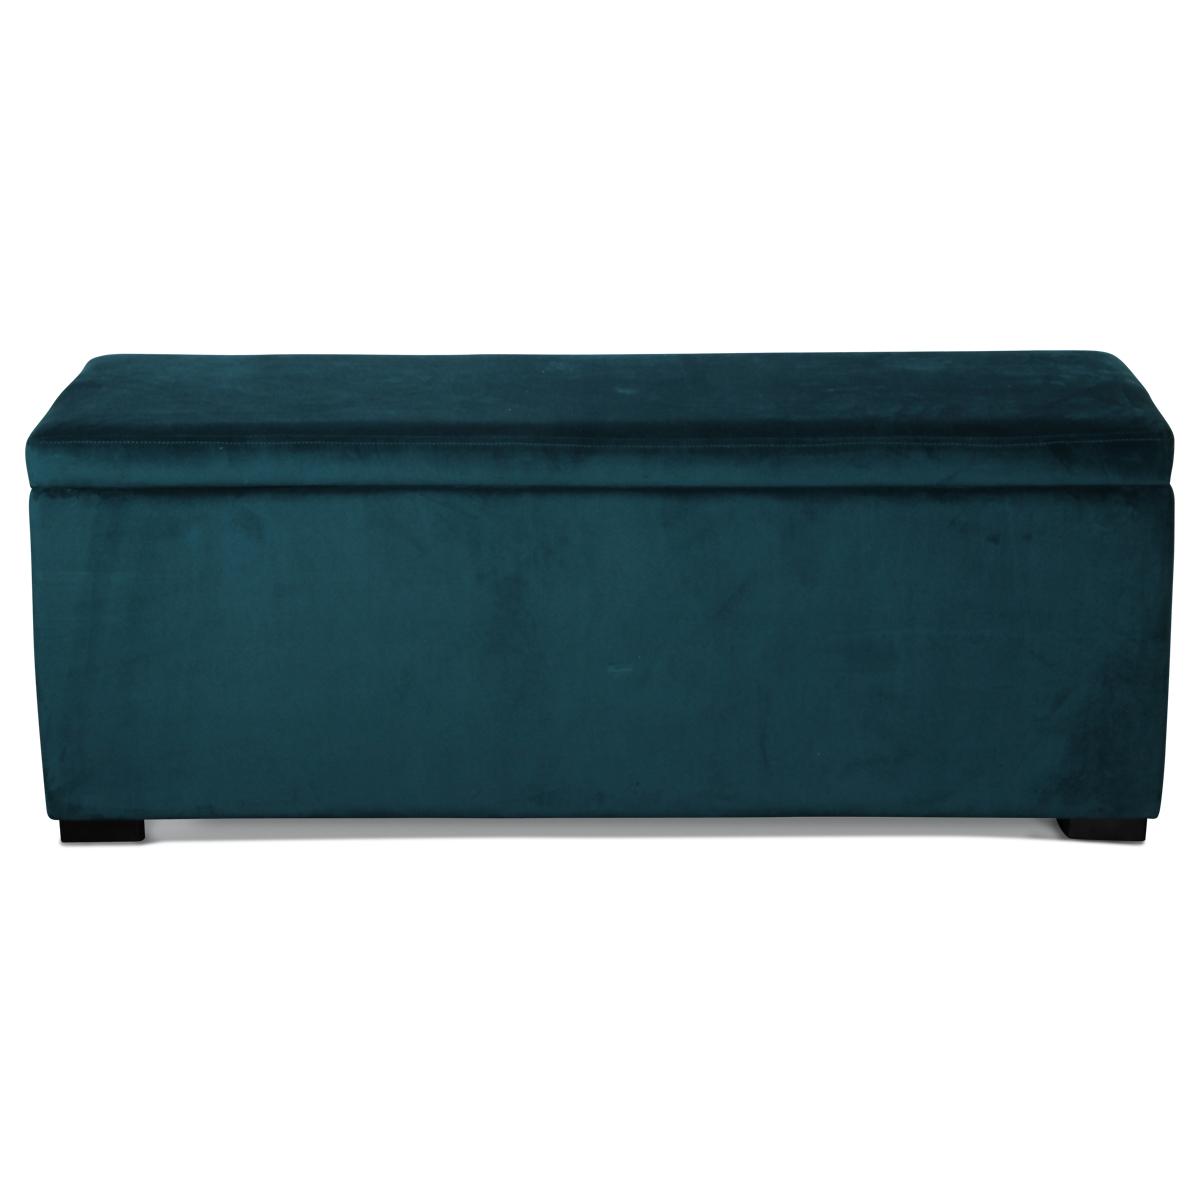 Banquette coffre en velours uni - Menthe - 120 x 40 x H 45 cm